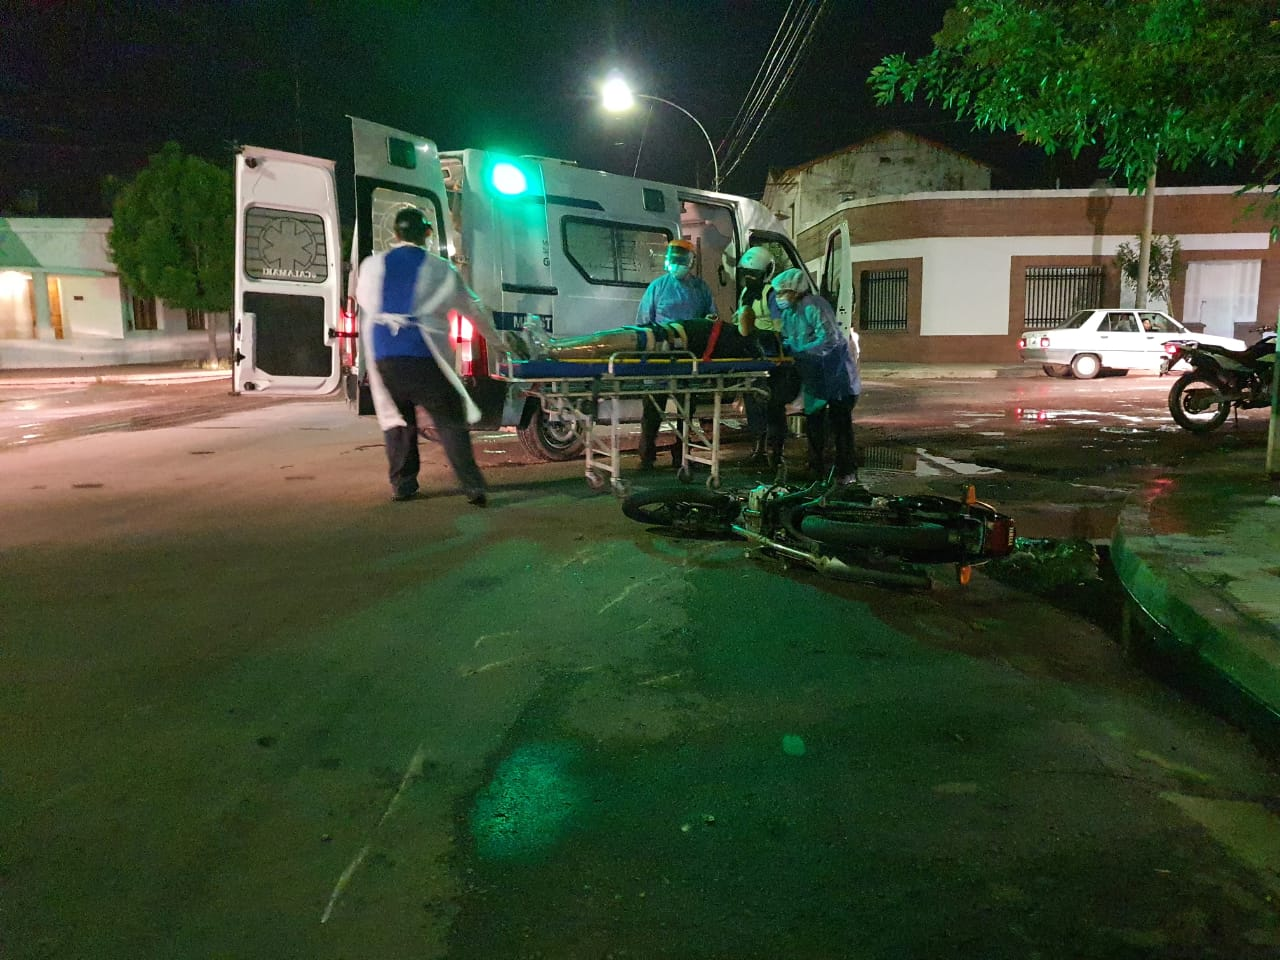 Accidente en calle 7 esquina 18: Un joven cayó de su moto y fue trasladado al Hospital con posible fractura en una de sus piernas